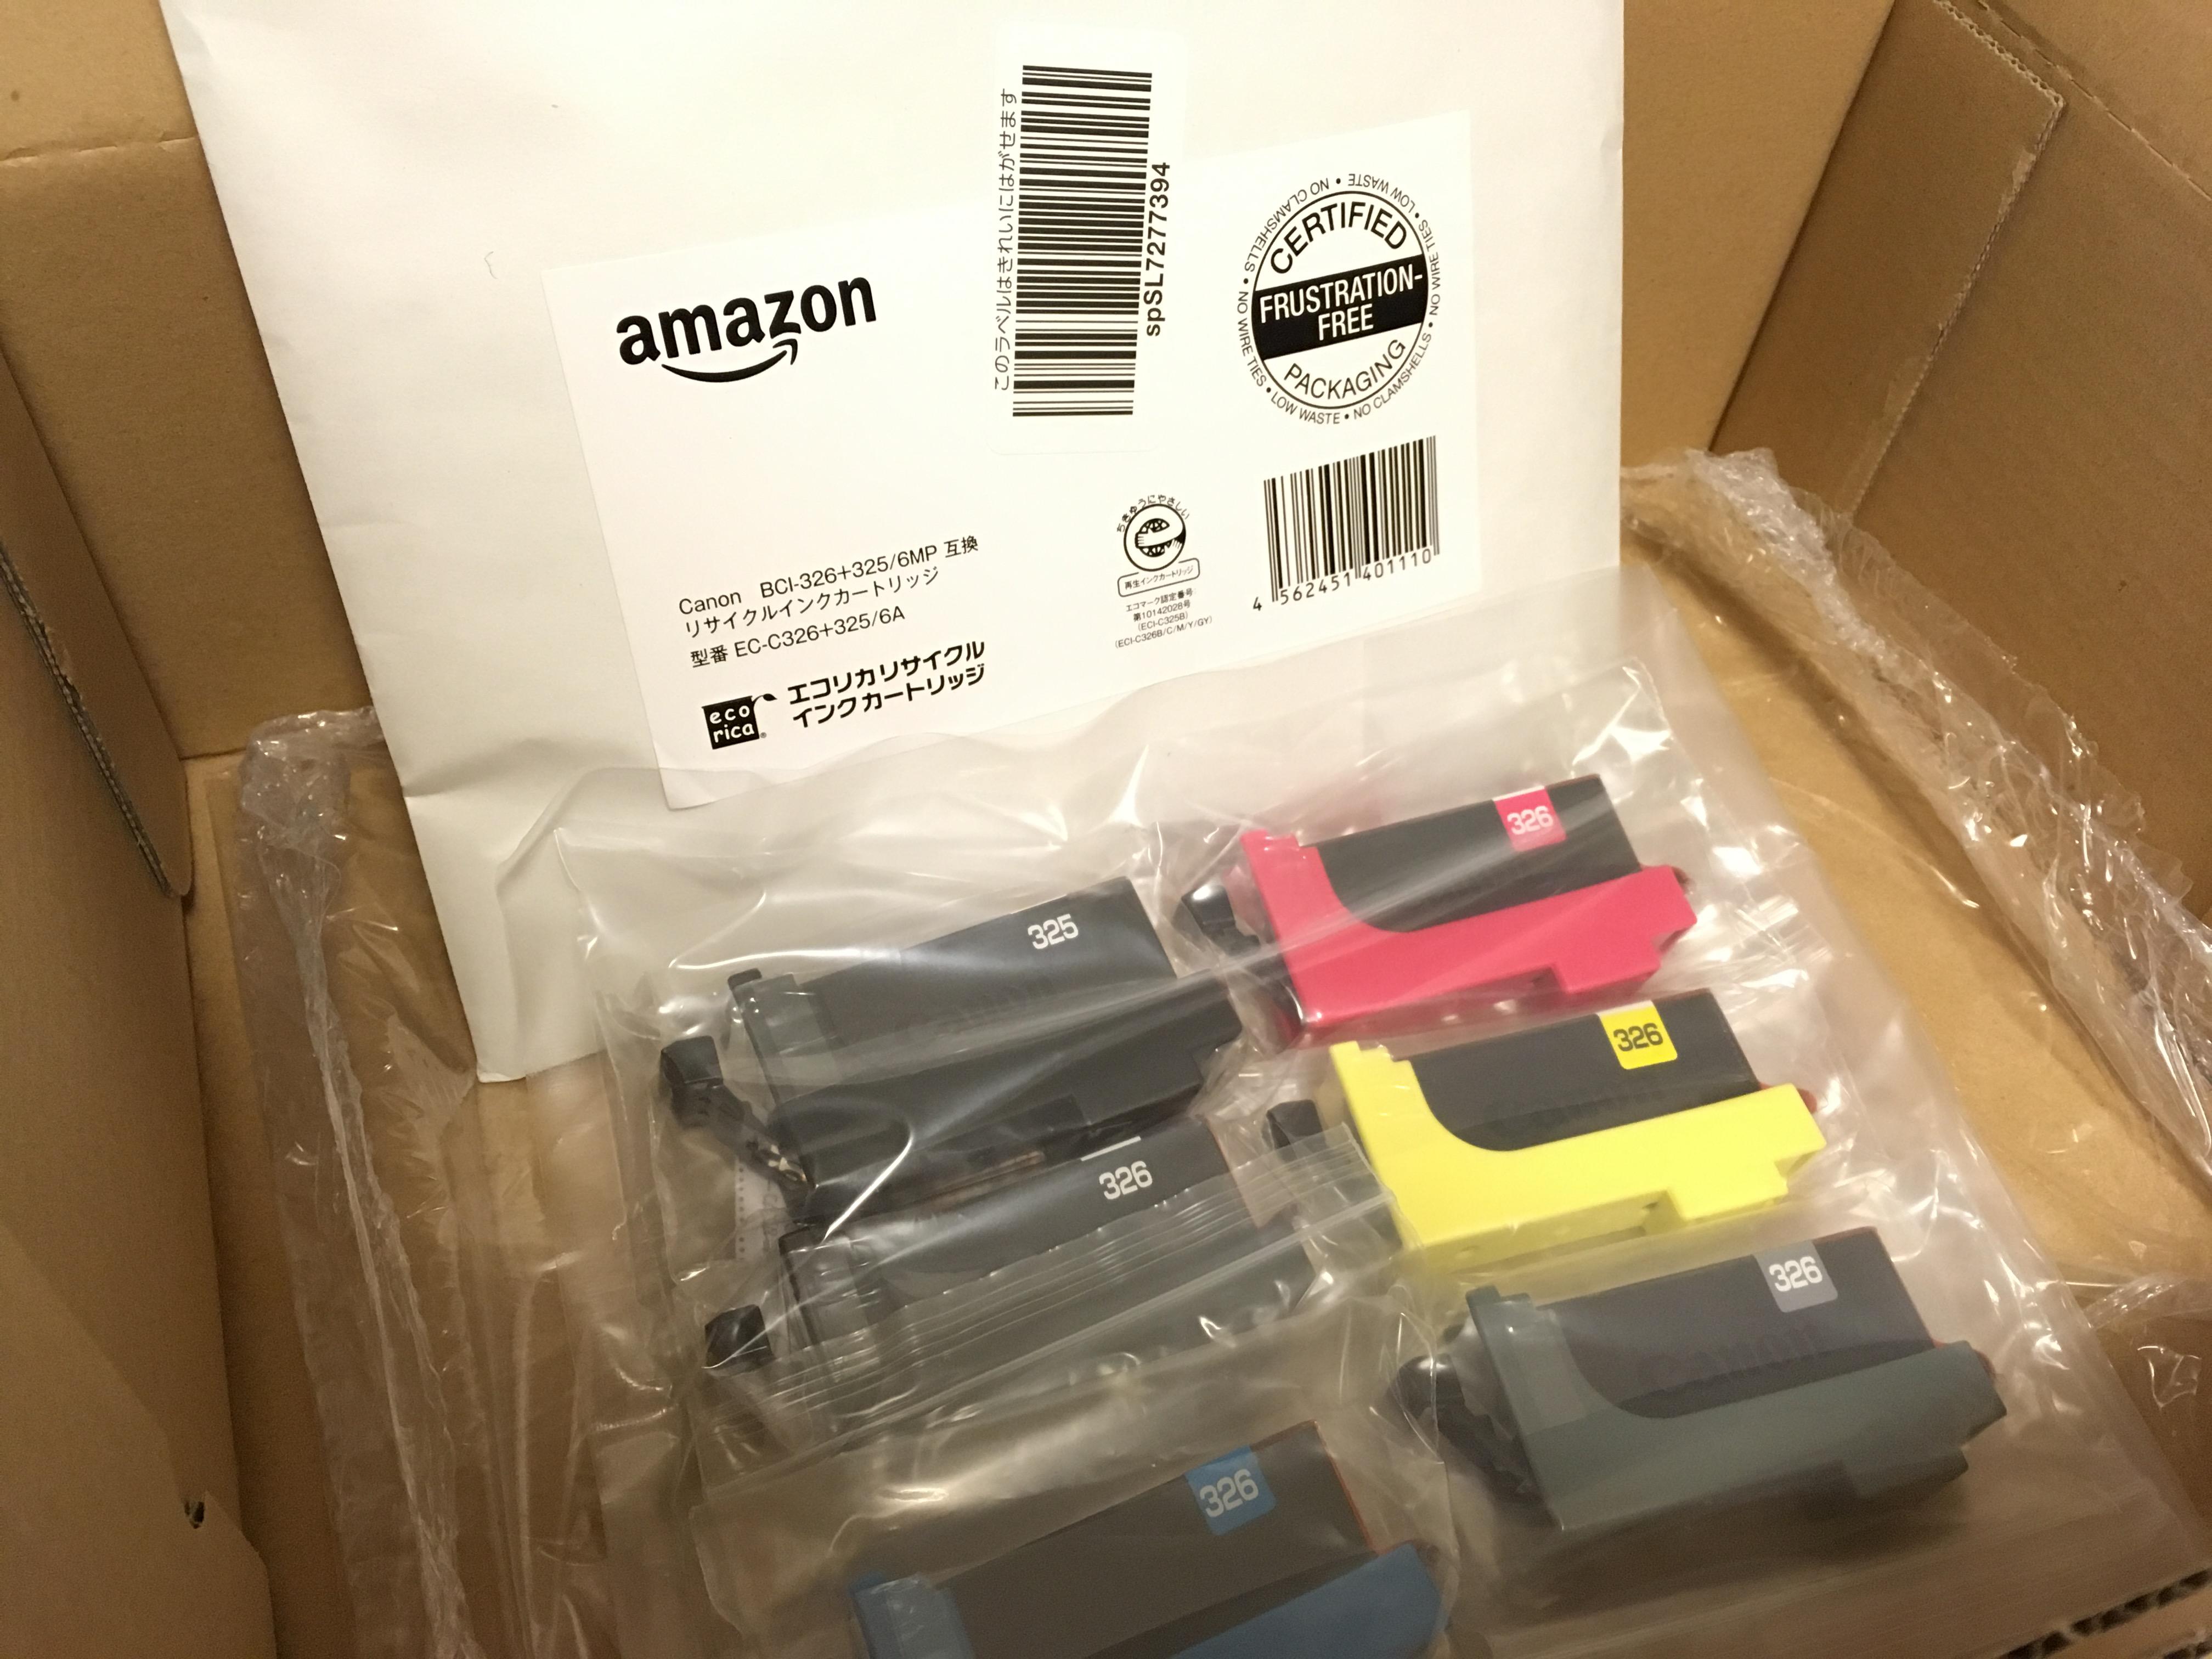 Amazonプライム会員の当日お急ぎ便でインクを頼んでみました